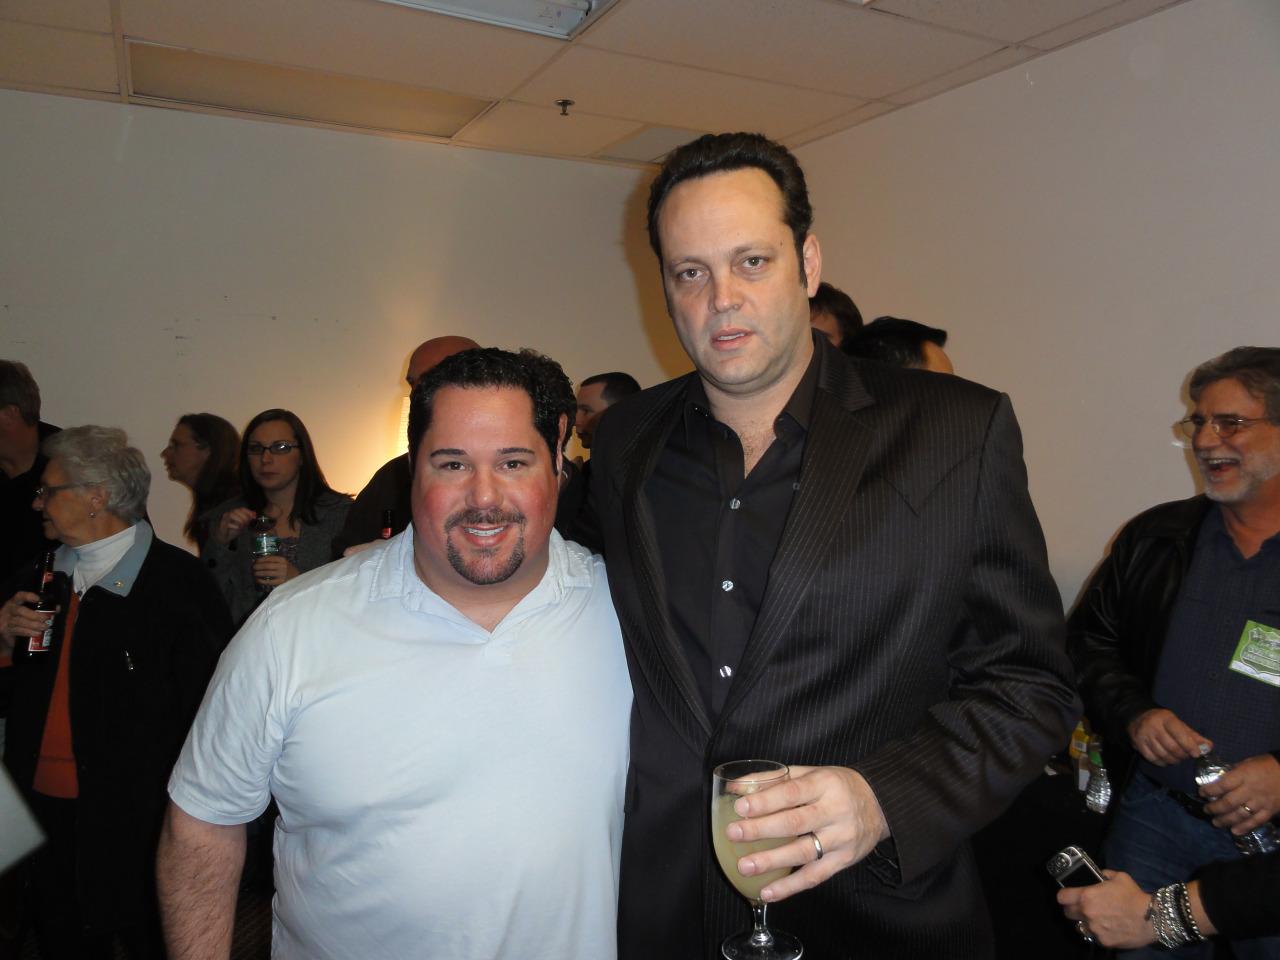 Vince Vaughn and Geno